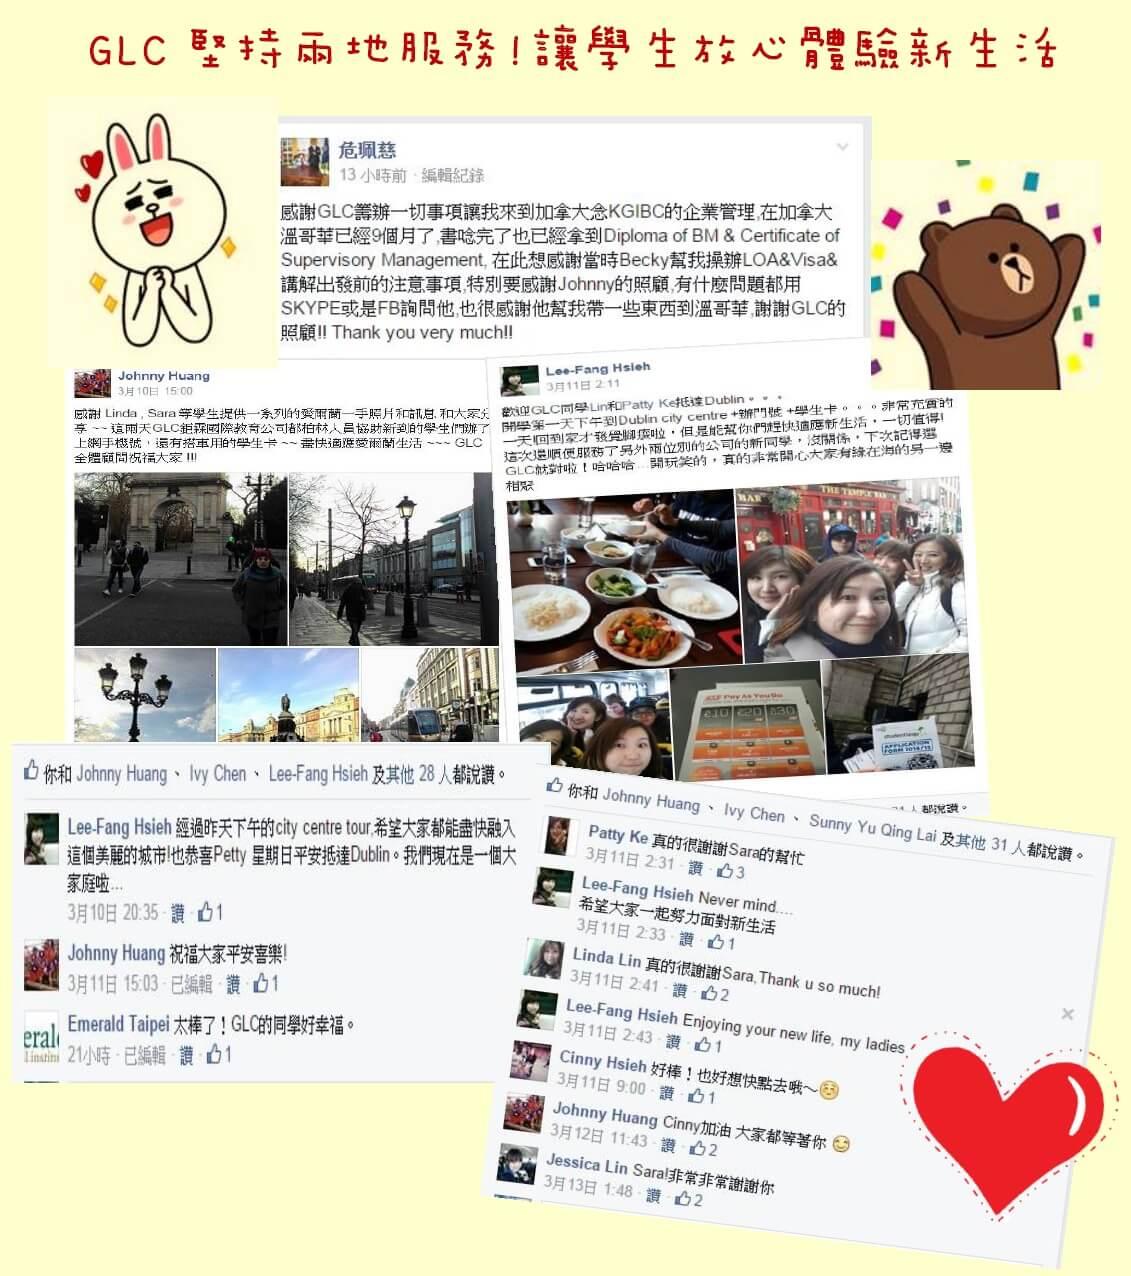 【愛生代辦心得】  感謝學生們熱情推薦遊學跨國服務 - GLC鉅霖評價